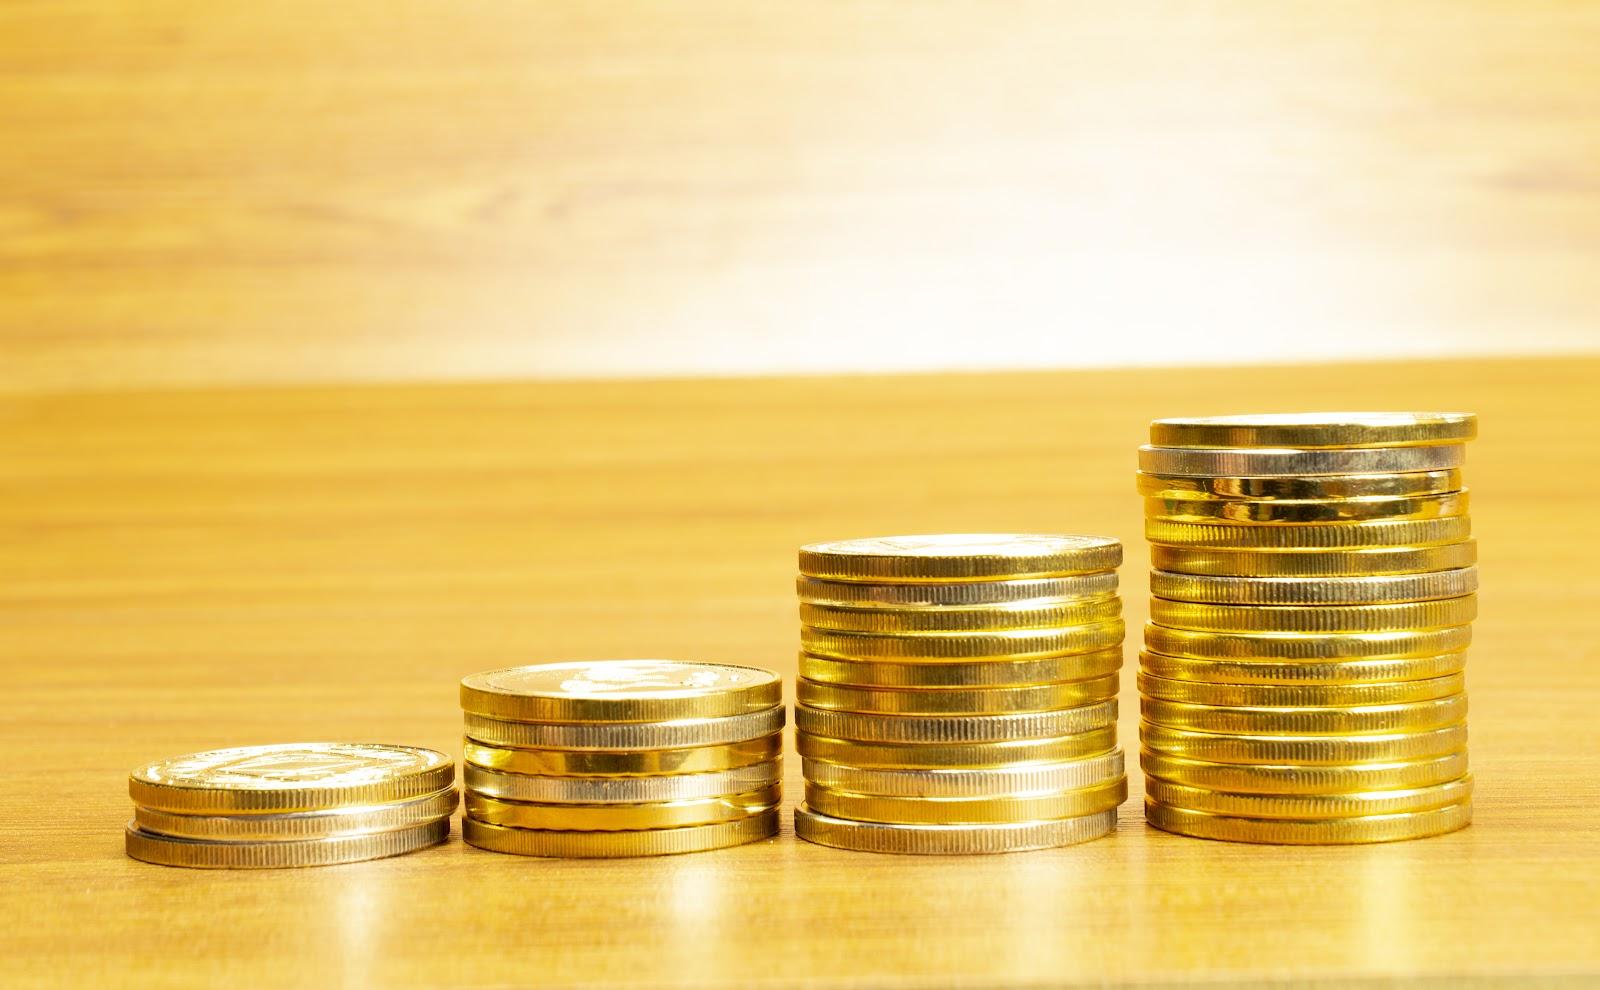 Visão lateral de uma mesa de madeira com uma pilha de moedas. O primeiro monte conta com 4 moedas, o segundo com 6, o terceiro com 11 e o quarto (e último) com 16 moedas. A imagem visa ilustrar a importância da contabilidade comercial.